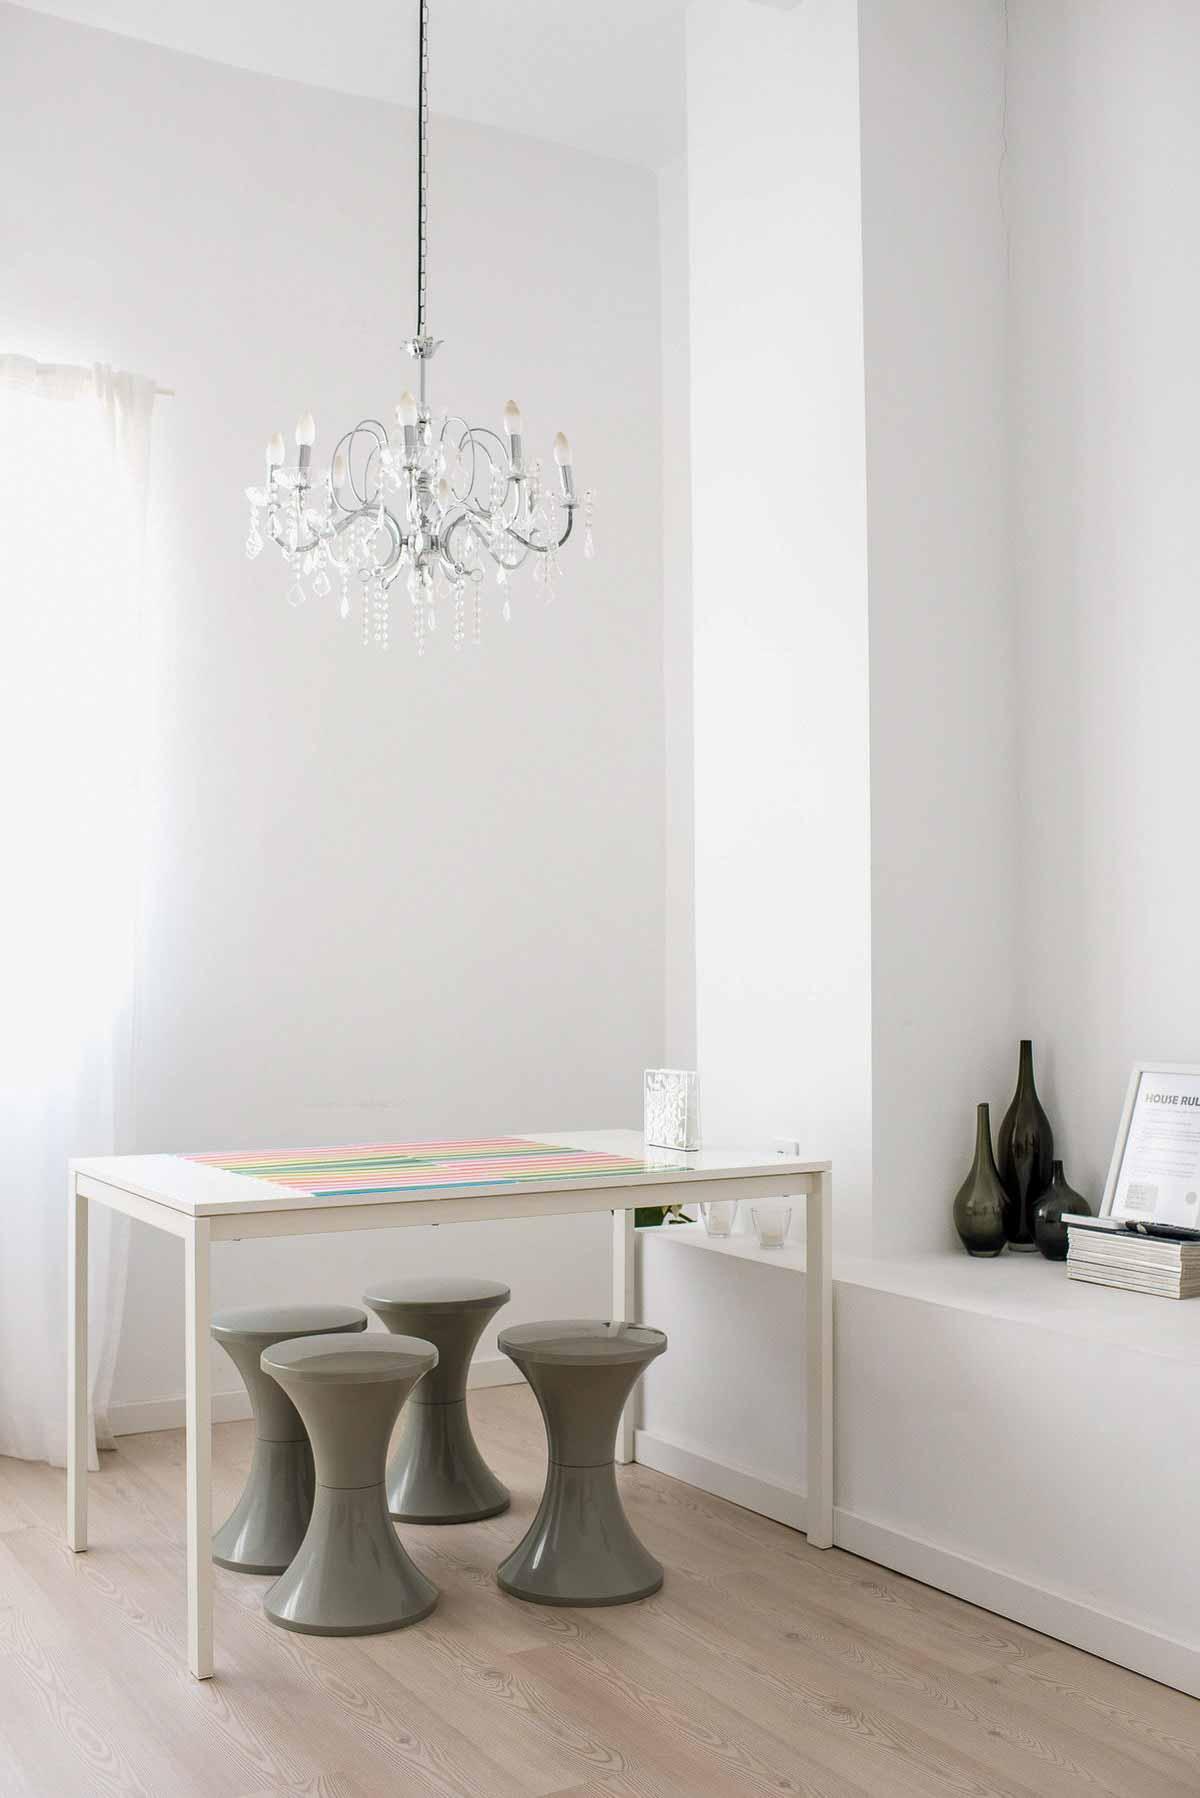 Møbel- og interiørfotograf med passion